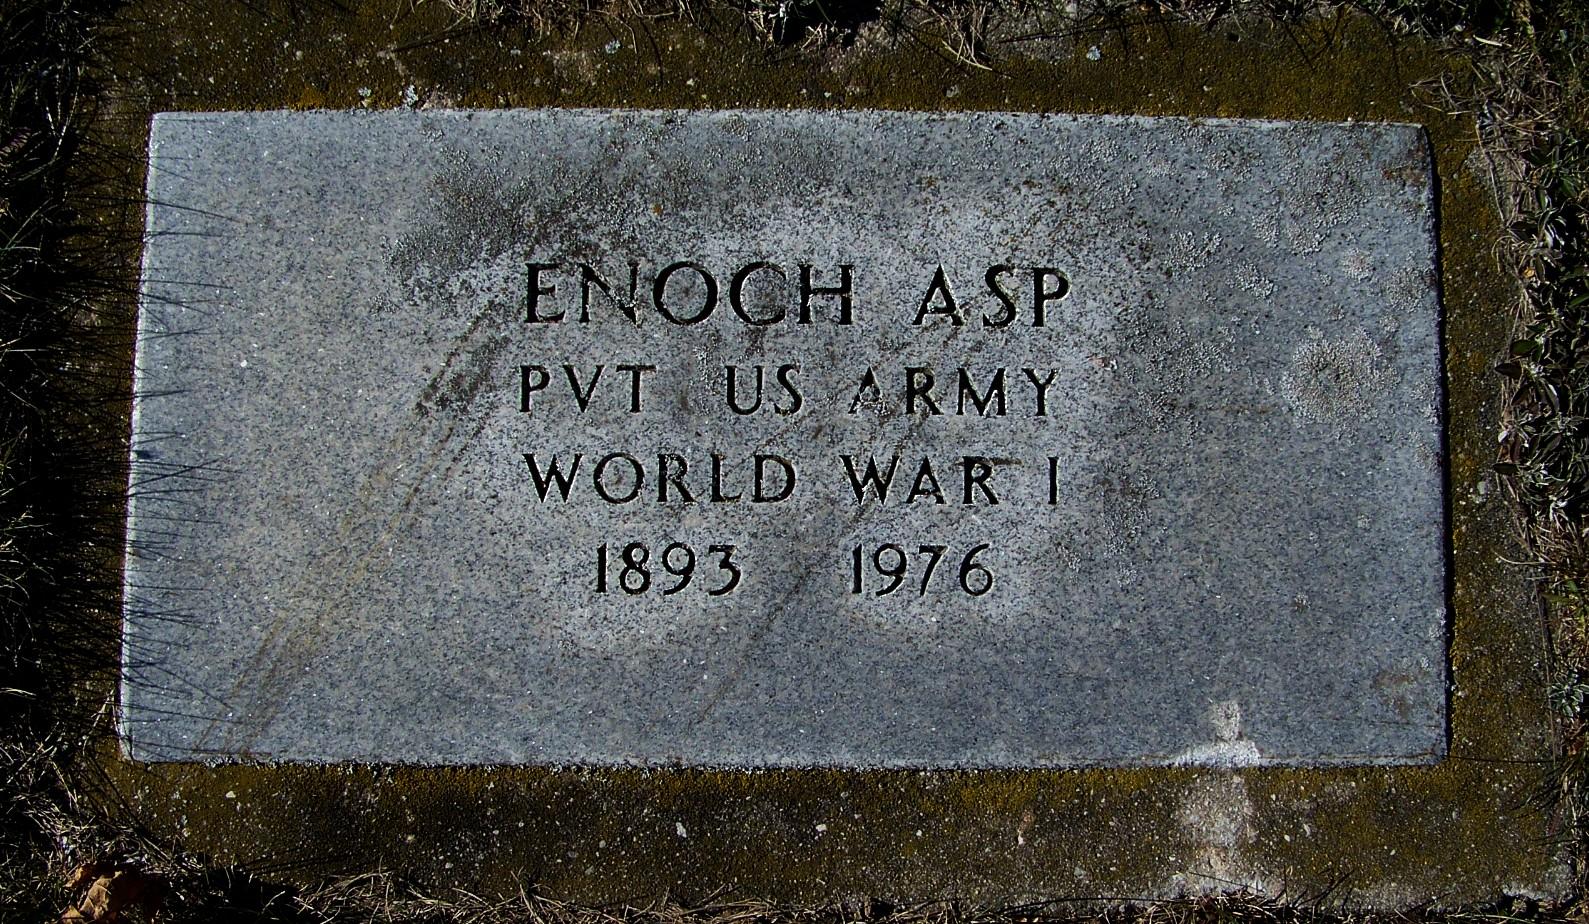 Enoch Asp